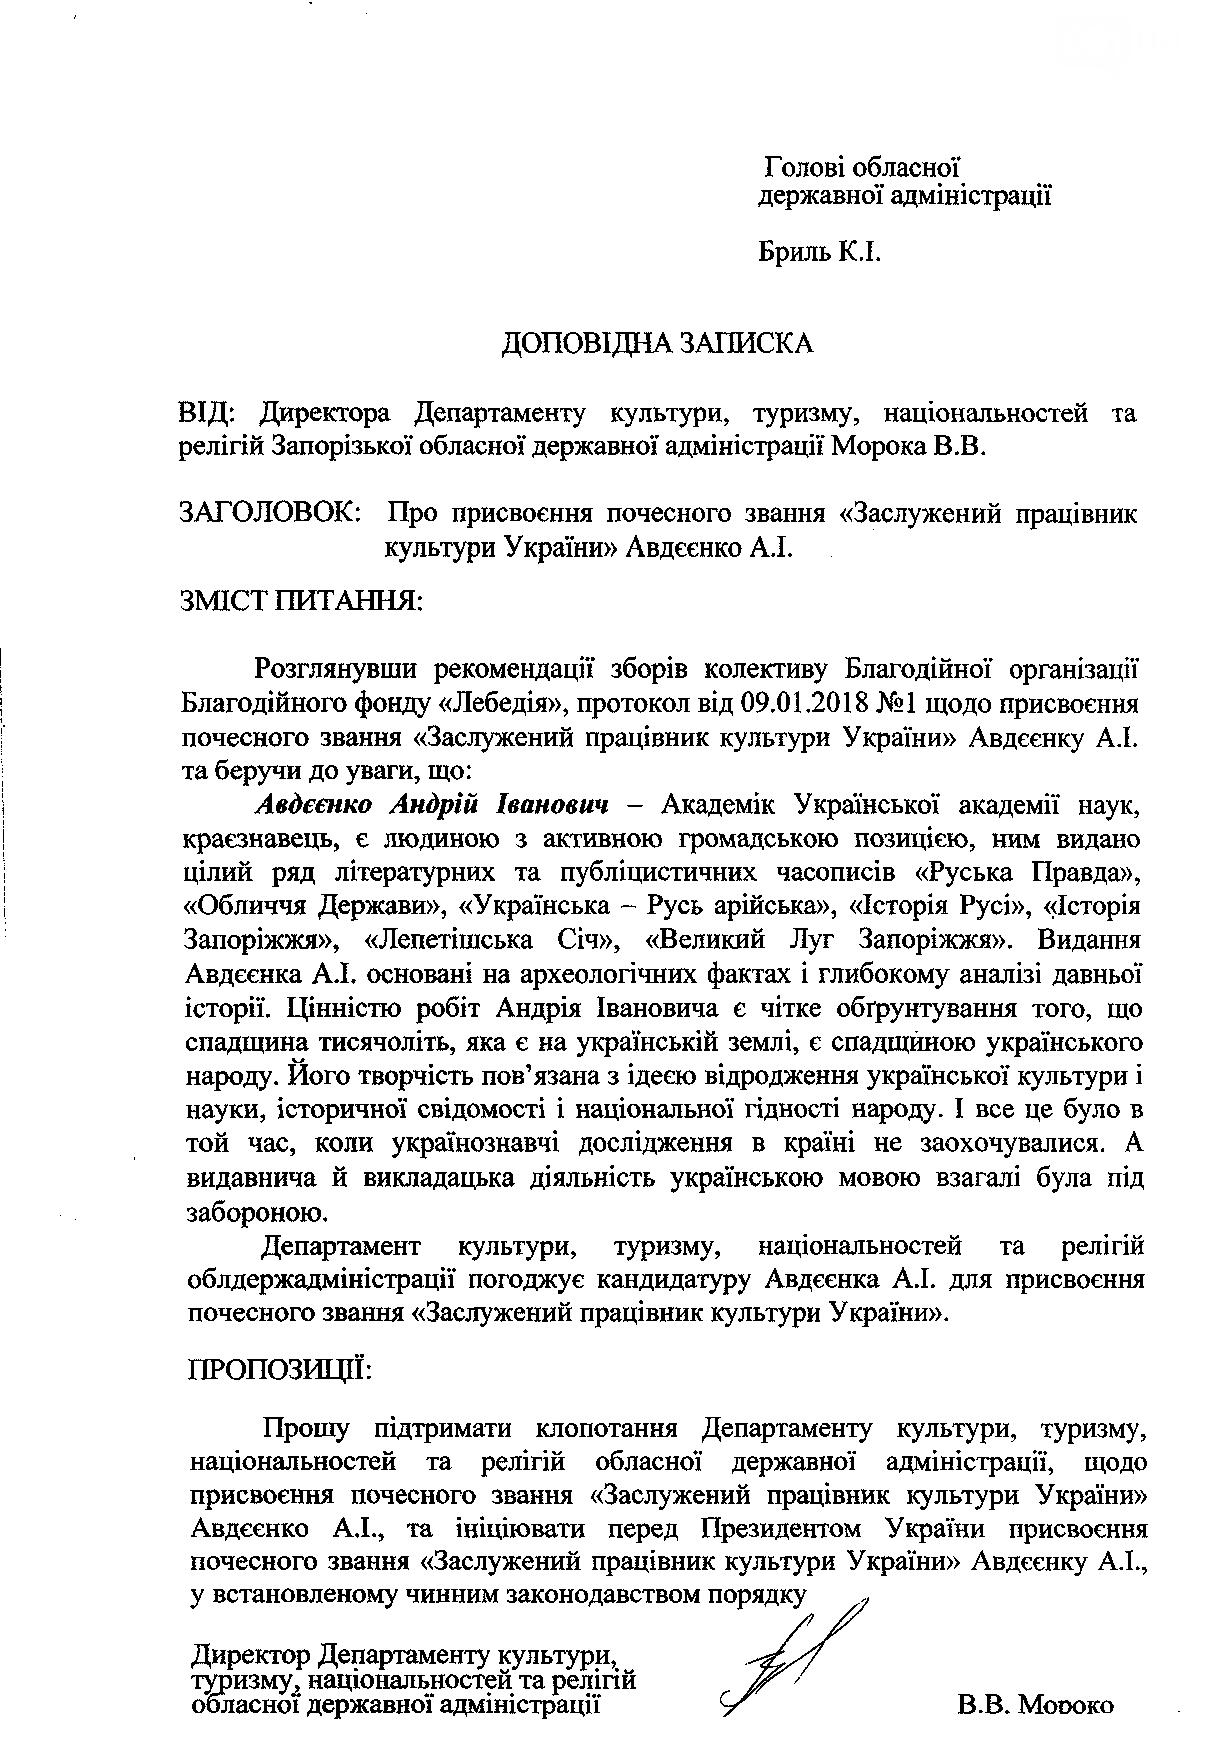 В ОГА рассказали, кто и за что попросил Порошенко присвоить «заслуженное» звание «адмиралу» Авдеенко, фото-4